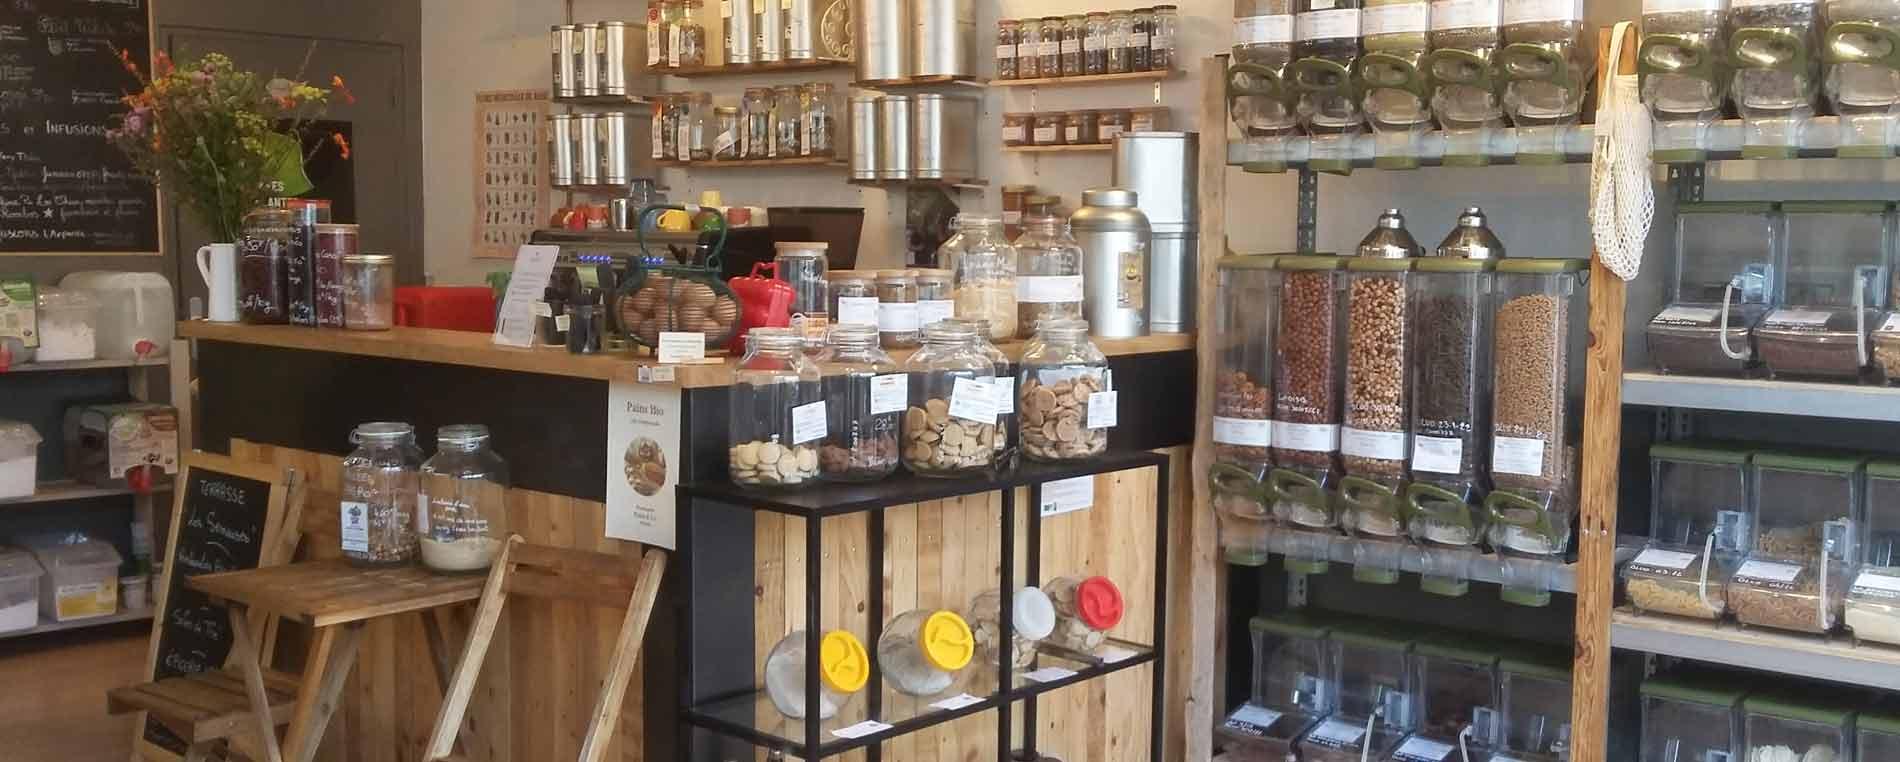 Quimper : Les semeuses, une épicerie vrac et une petite restauration bio